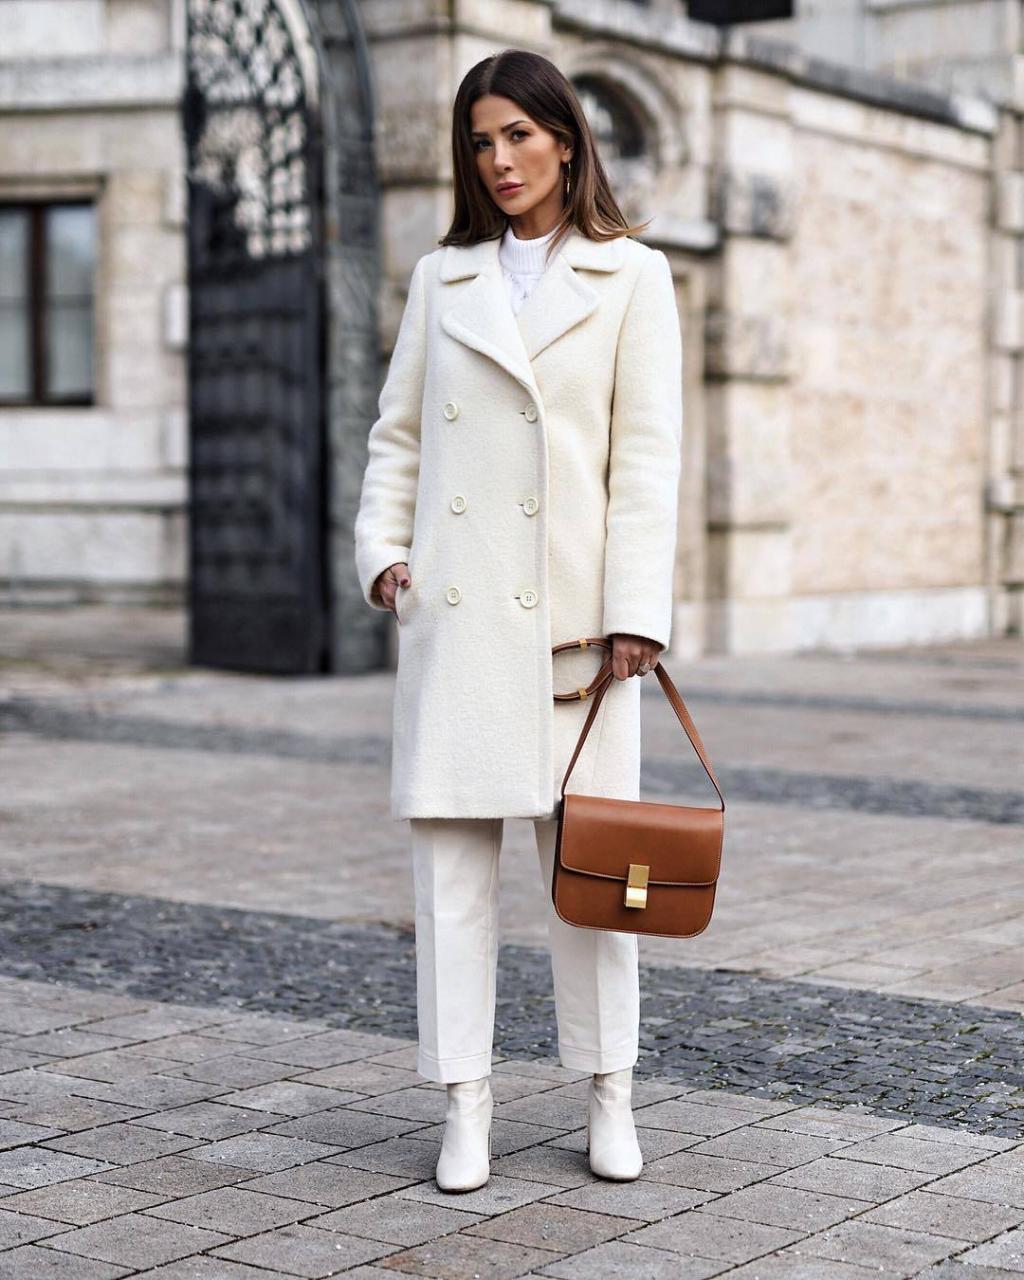 Модные зимние образы в белом цвете фото 9